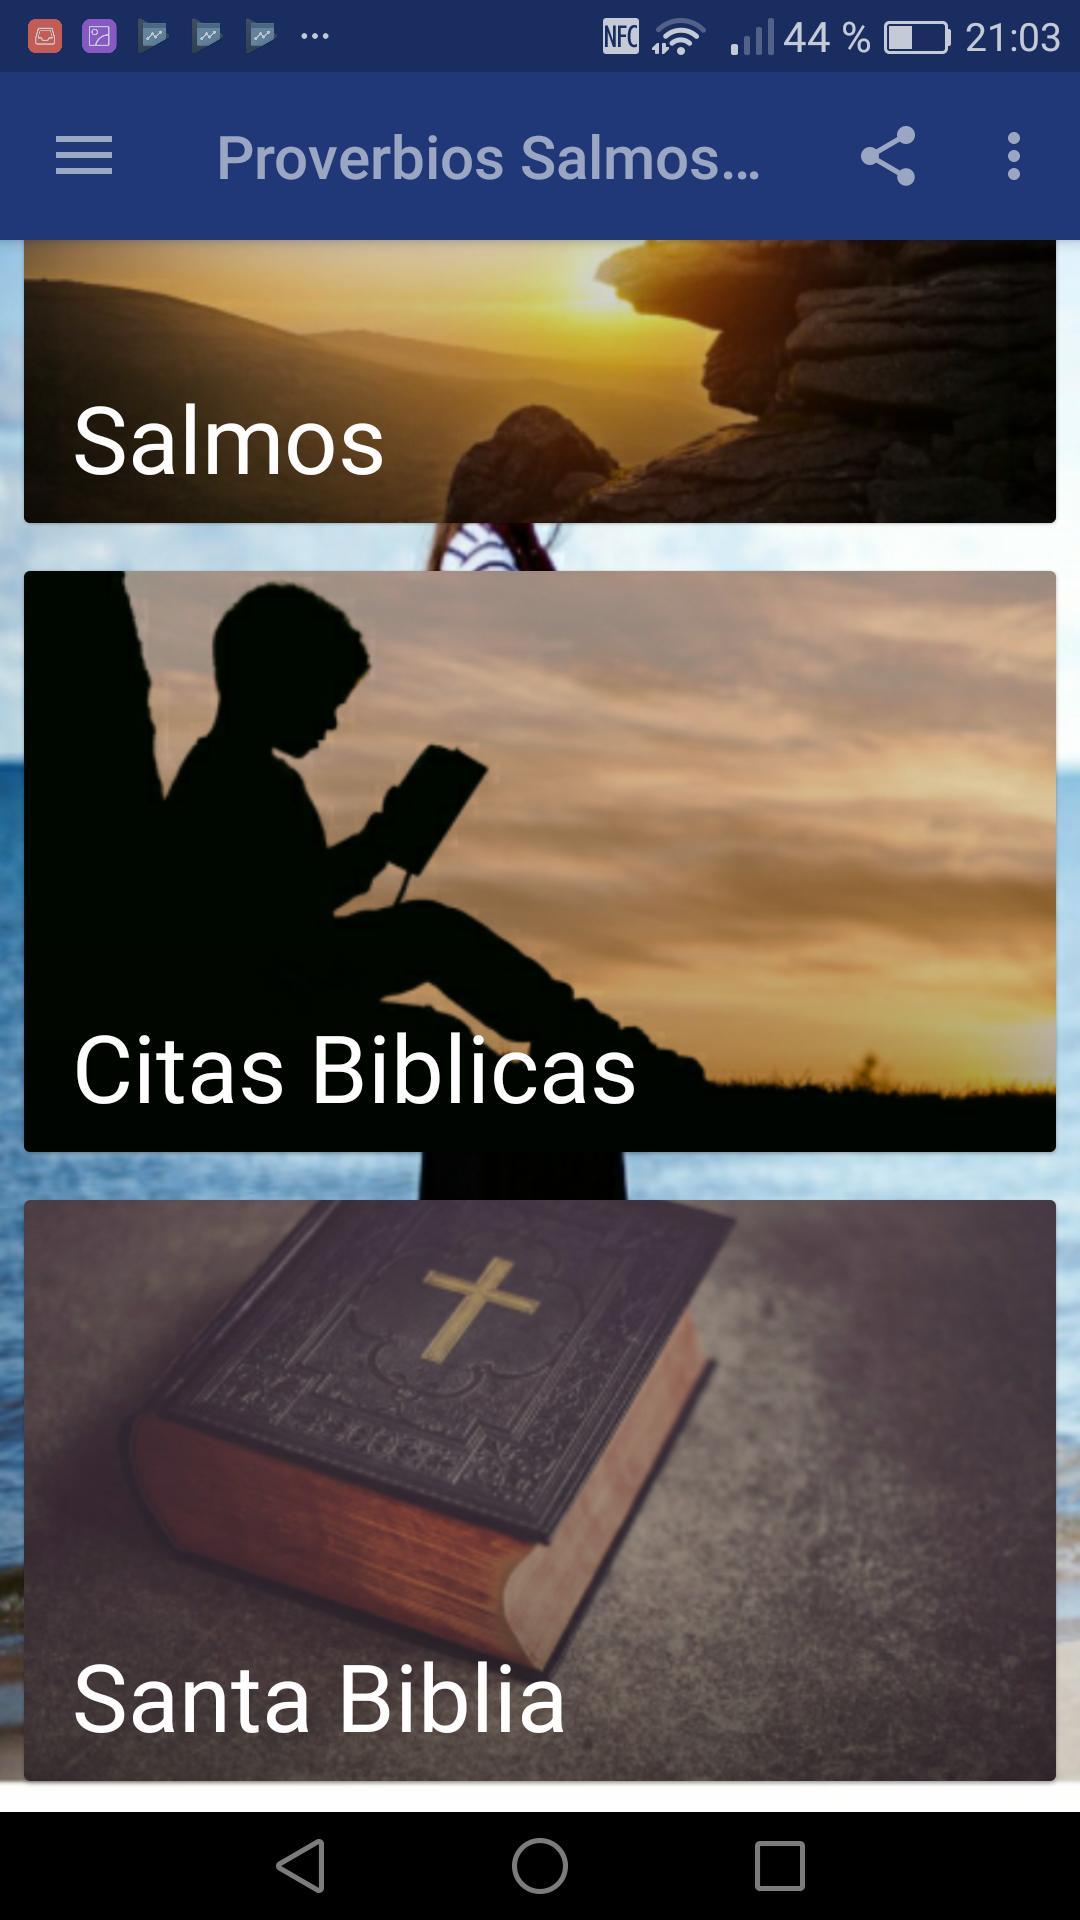 Proverbios Salmos Y Citas Biblicas For Android Apk Download